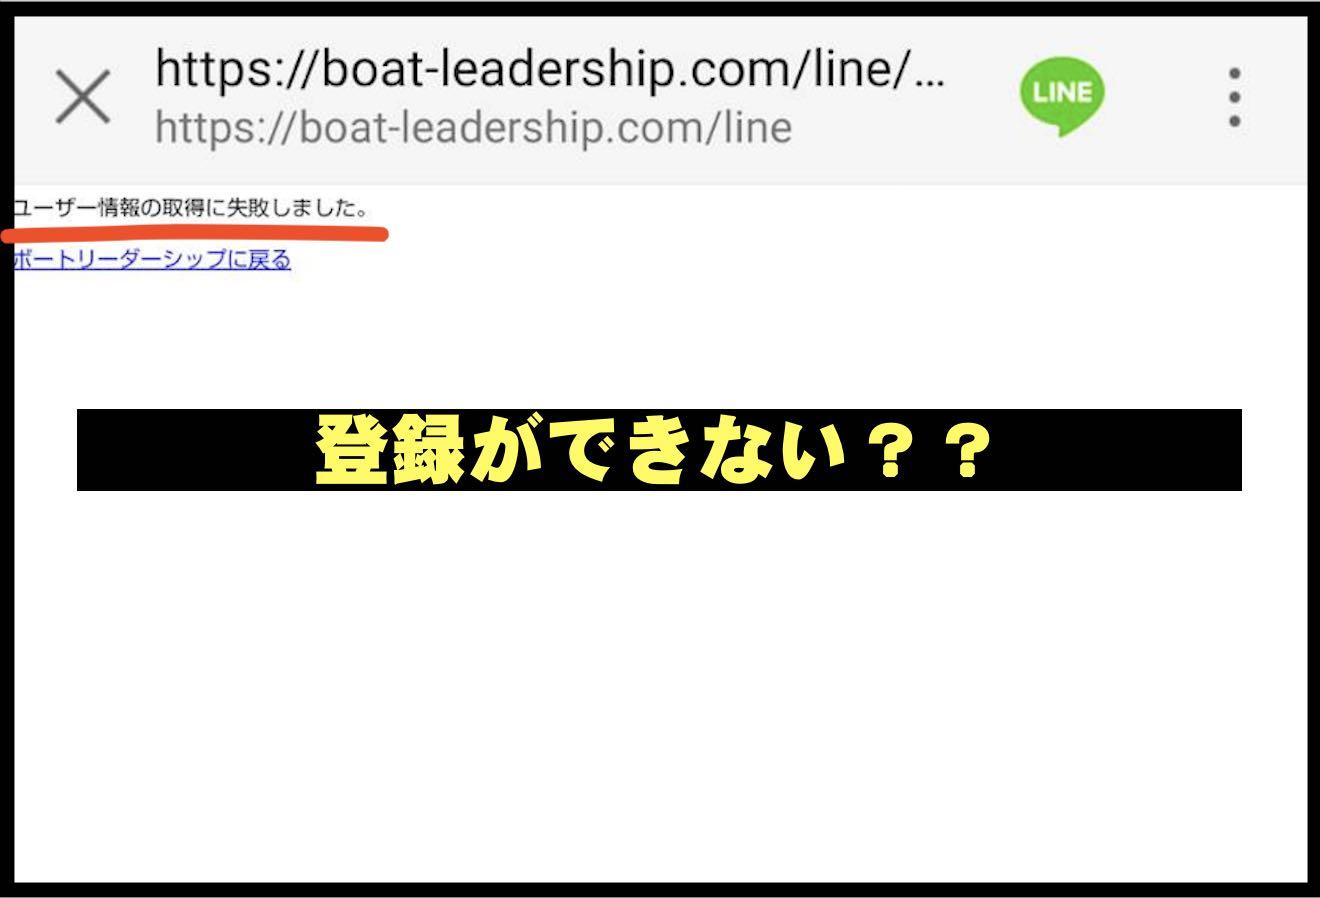 リーダーシップ(LEADERSHIP)という競艇予想サイトに登録できない